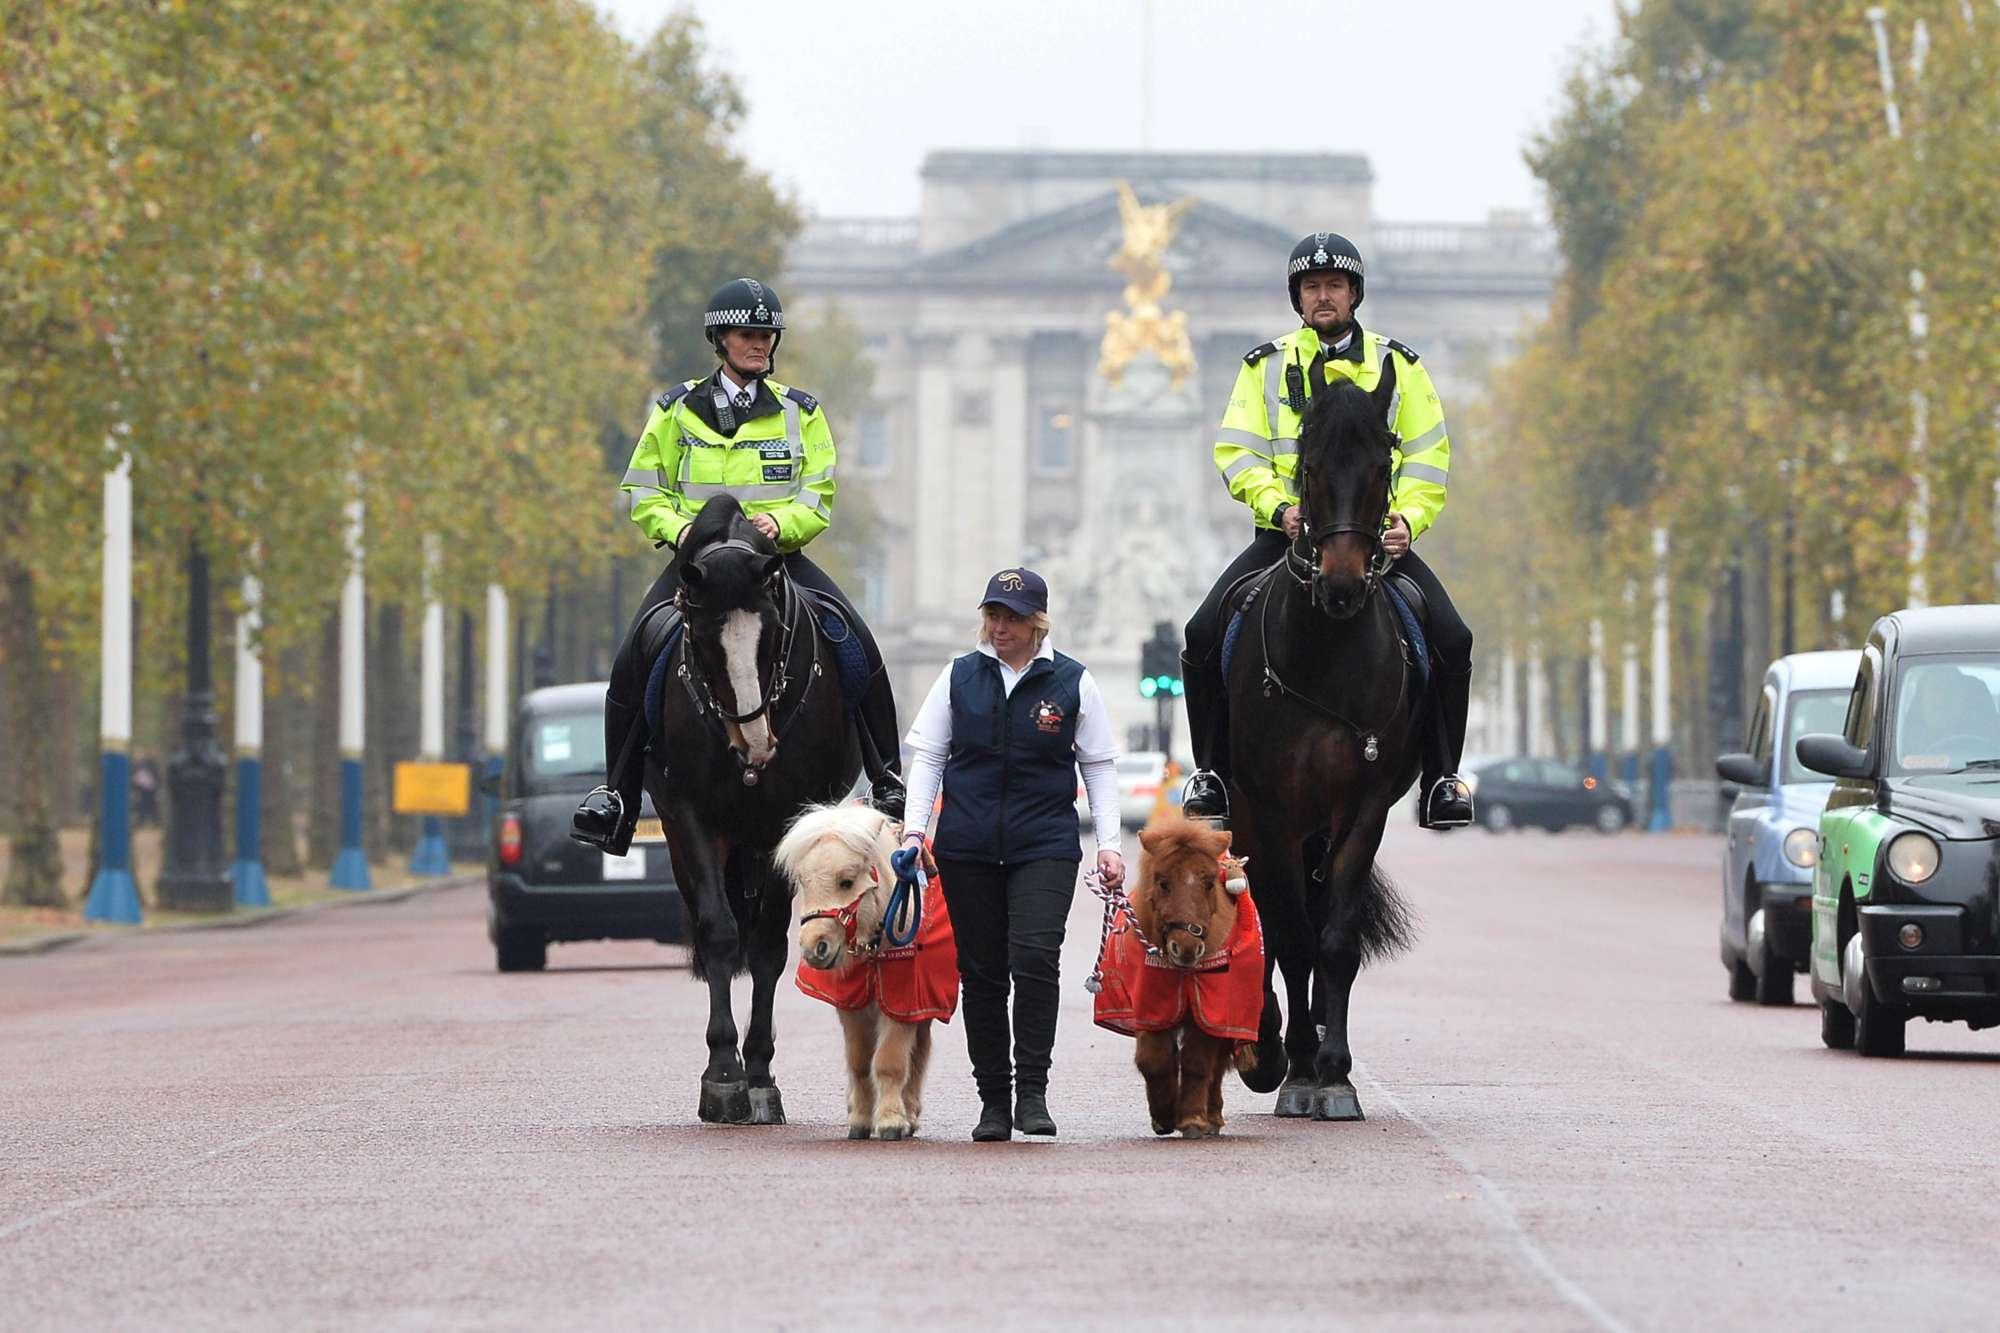 Ecco Teddy e Doris, i pony della polizia metropolitana di Londra